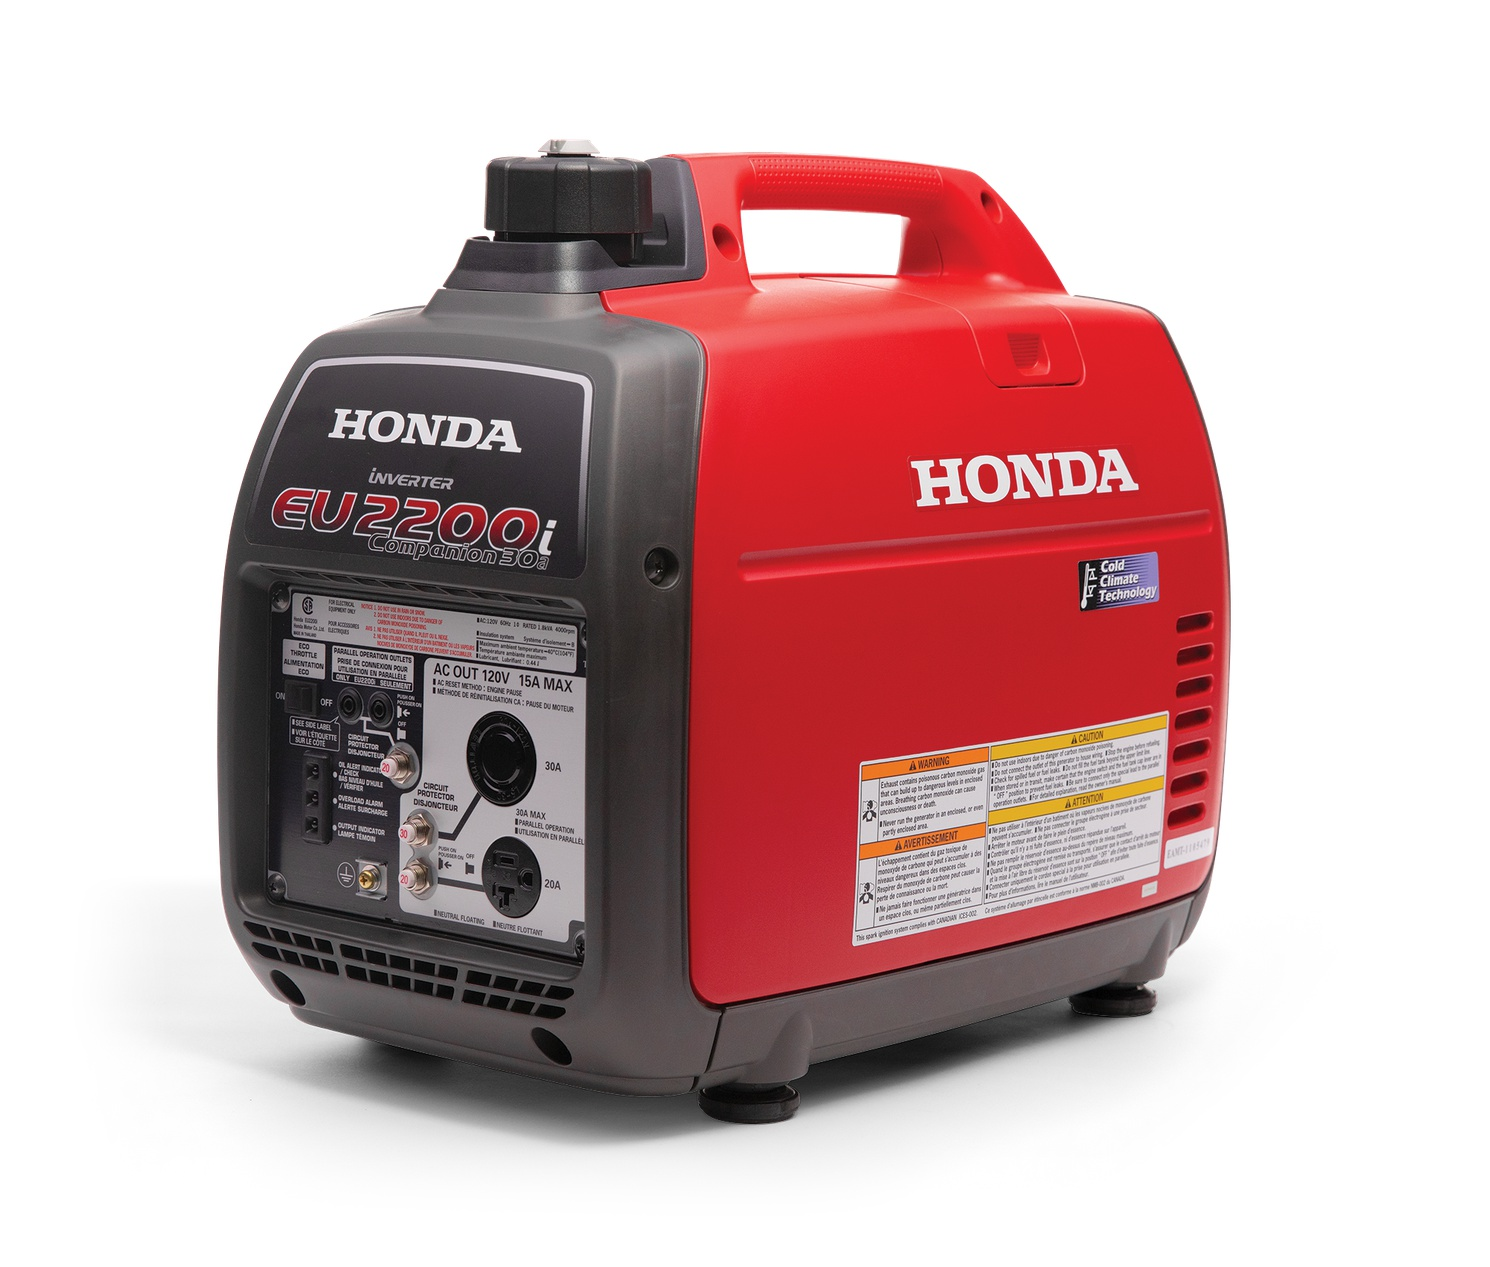 Honda Génératrices EU2200iTC1